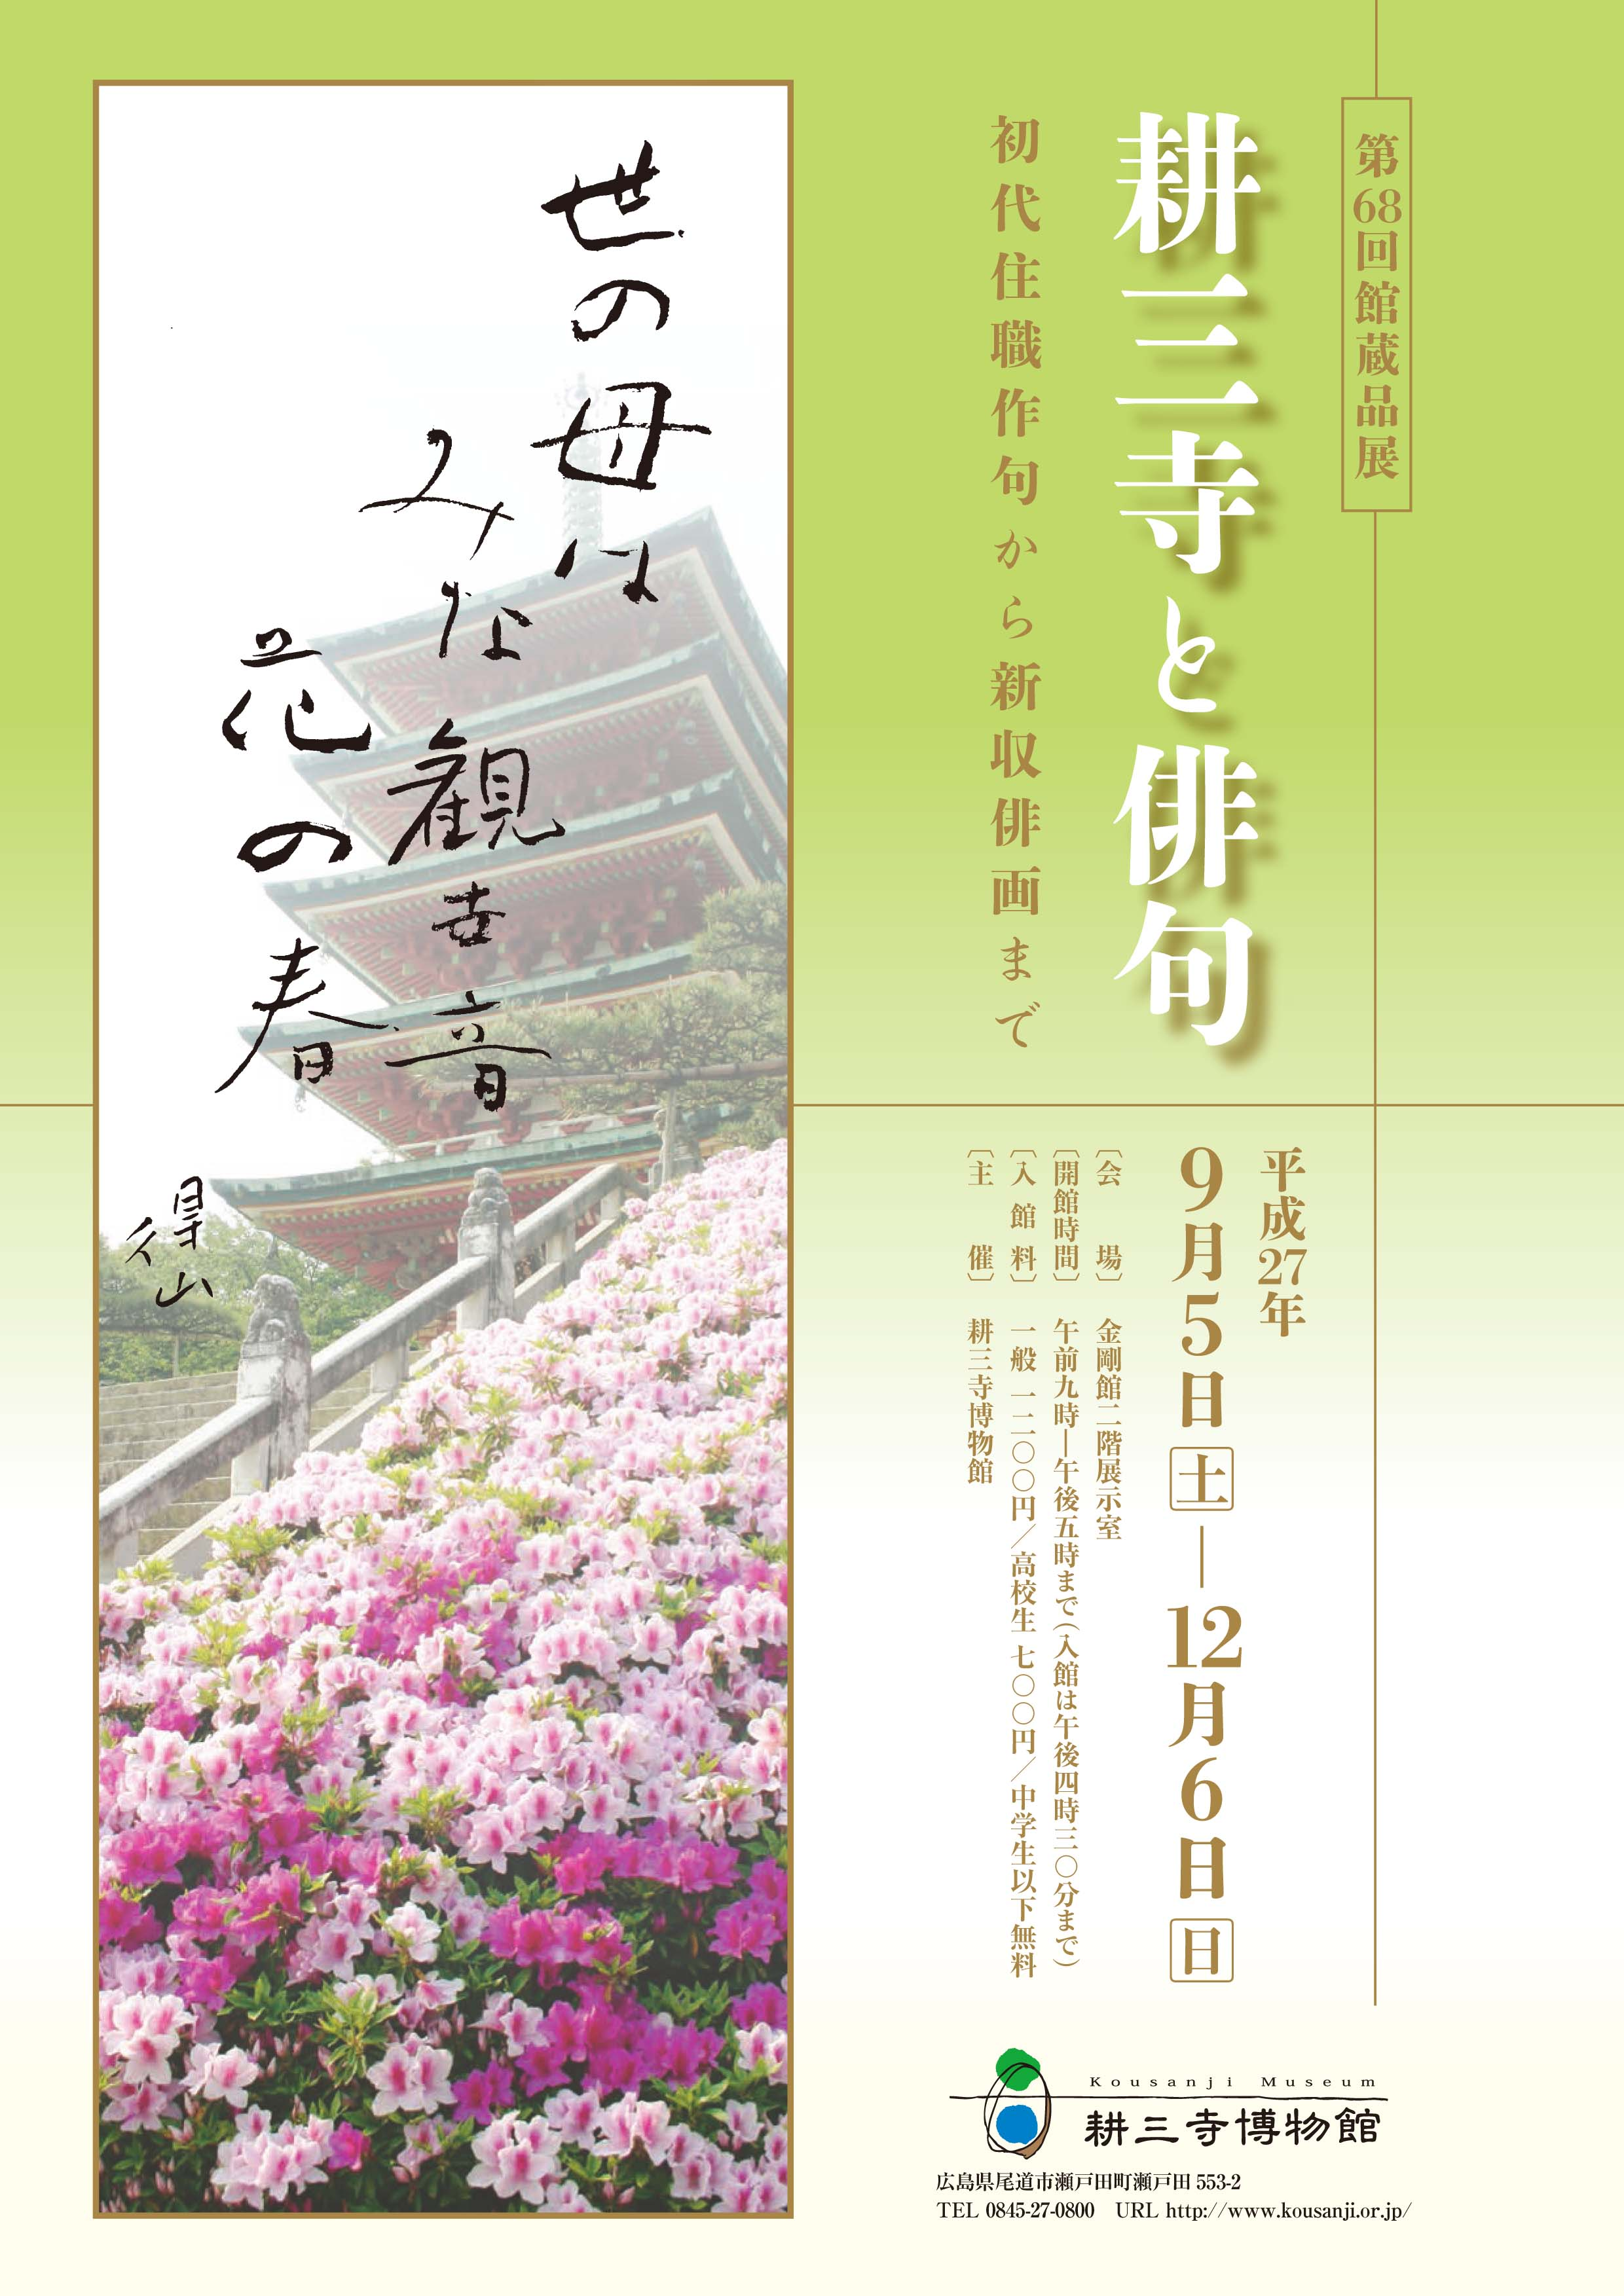 耕三寺と俳句チラシ_ページ_1